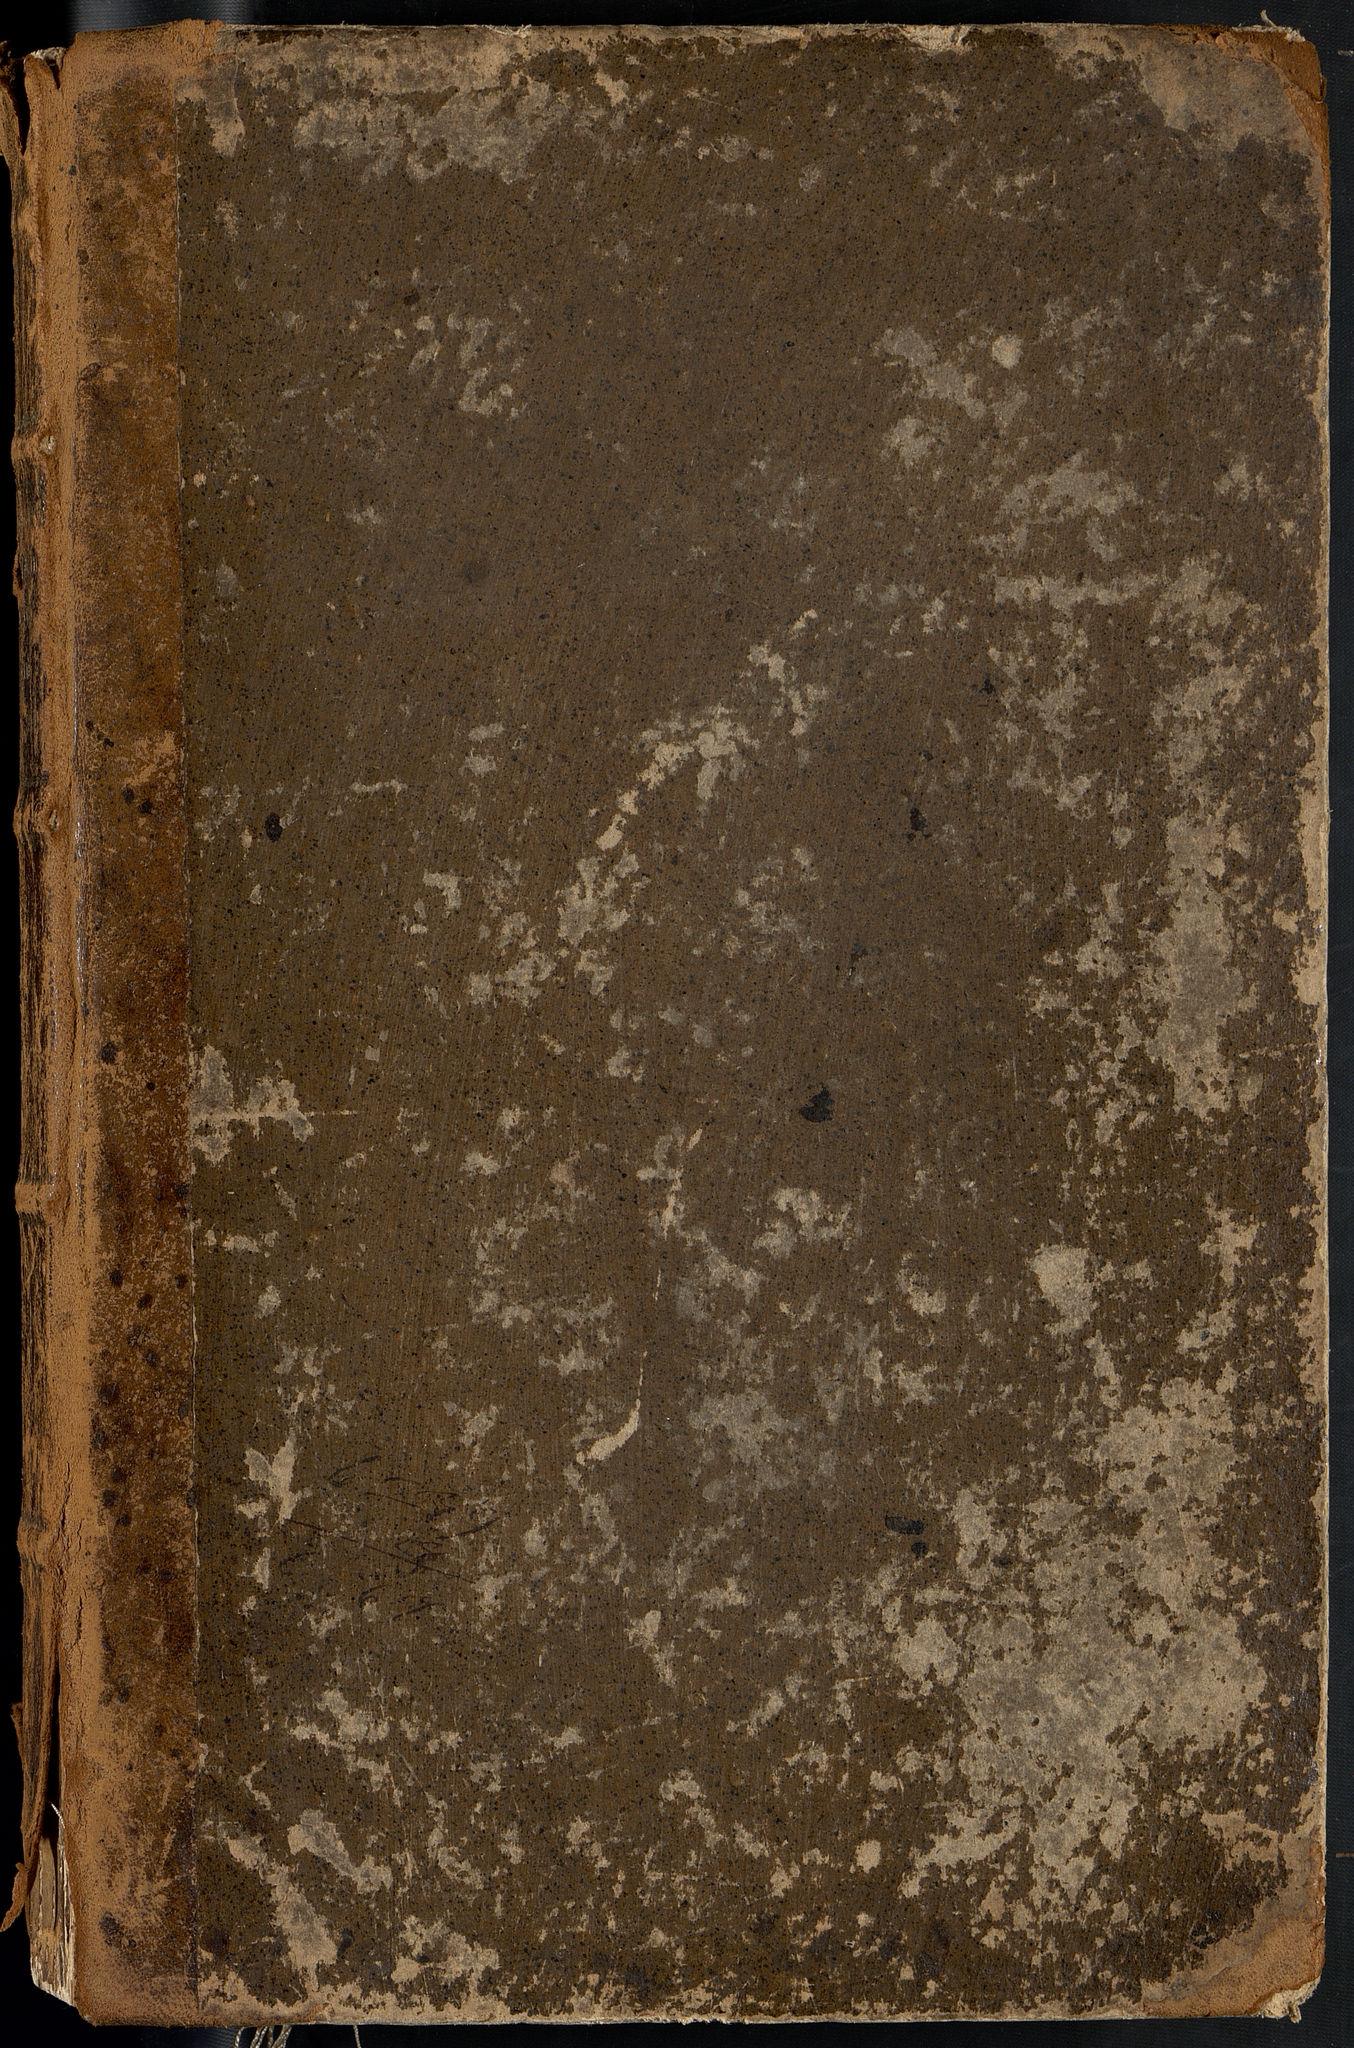 OBA, Oppmålingsvesenet, F/Fa/L0002: Oppmålingsforretning og matrikkel for byen 1794 og bymarka 1795-96, 1794